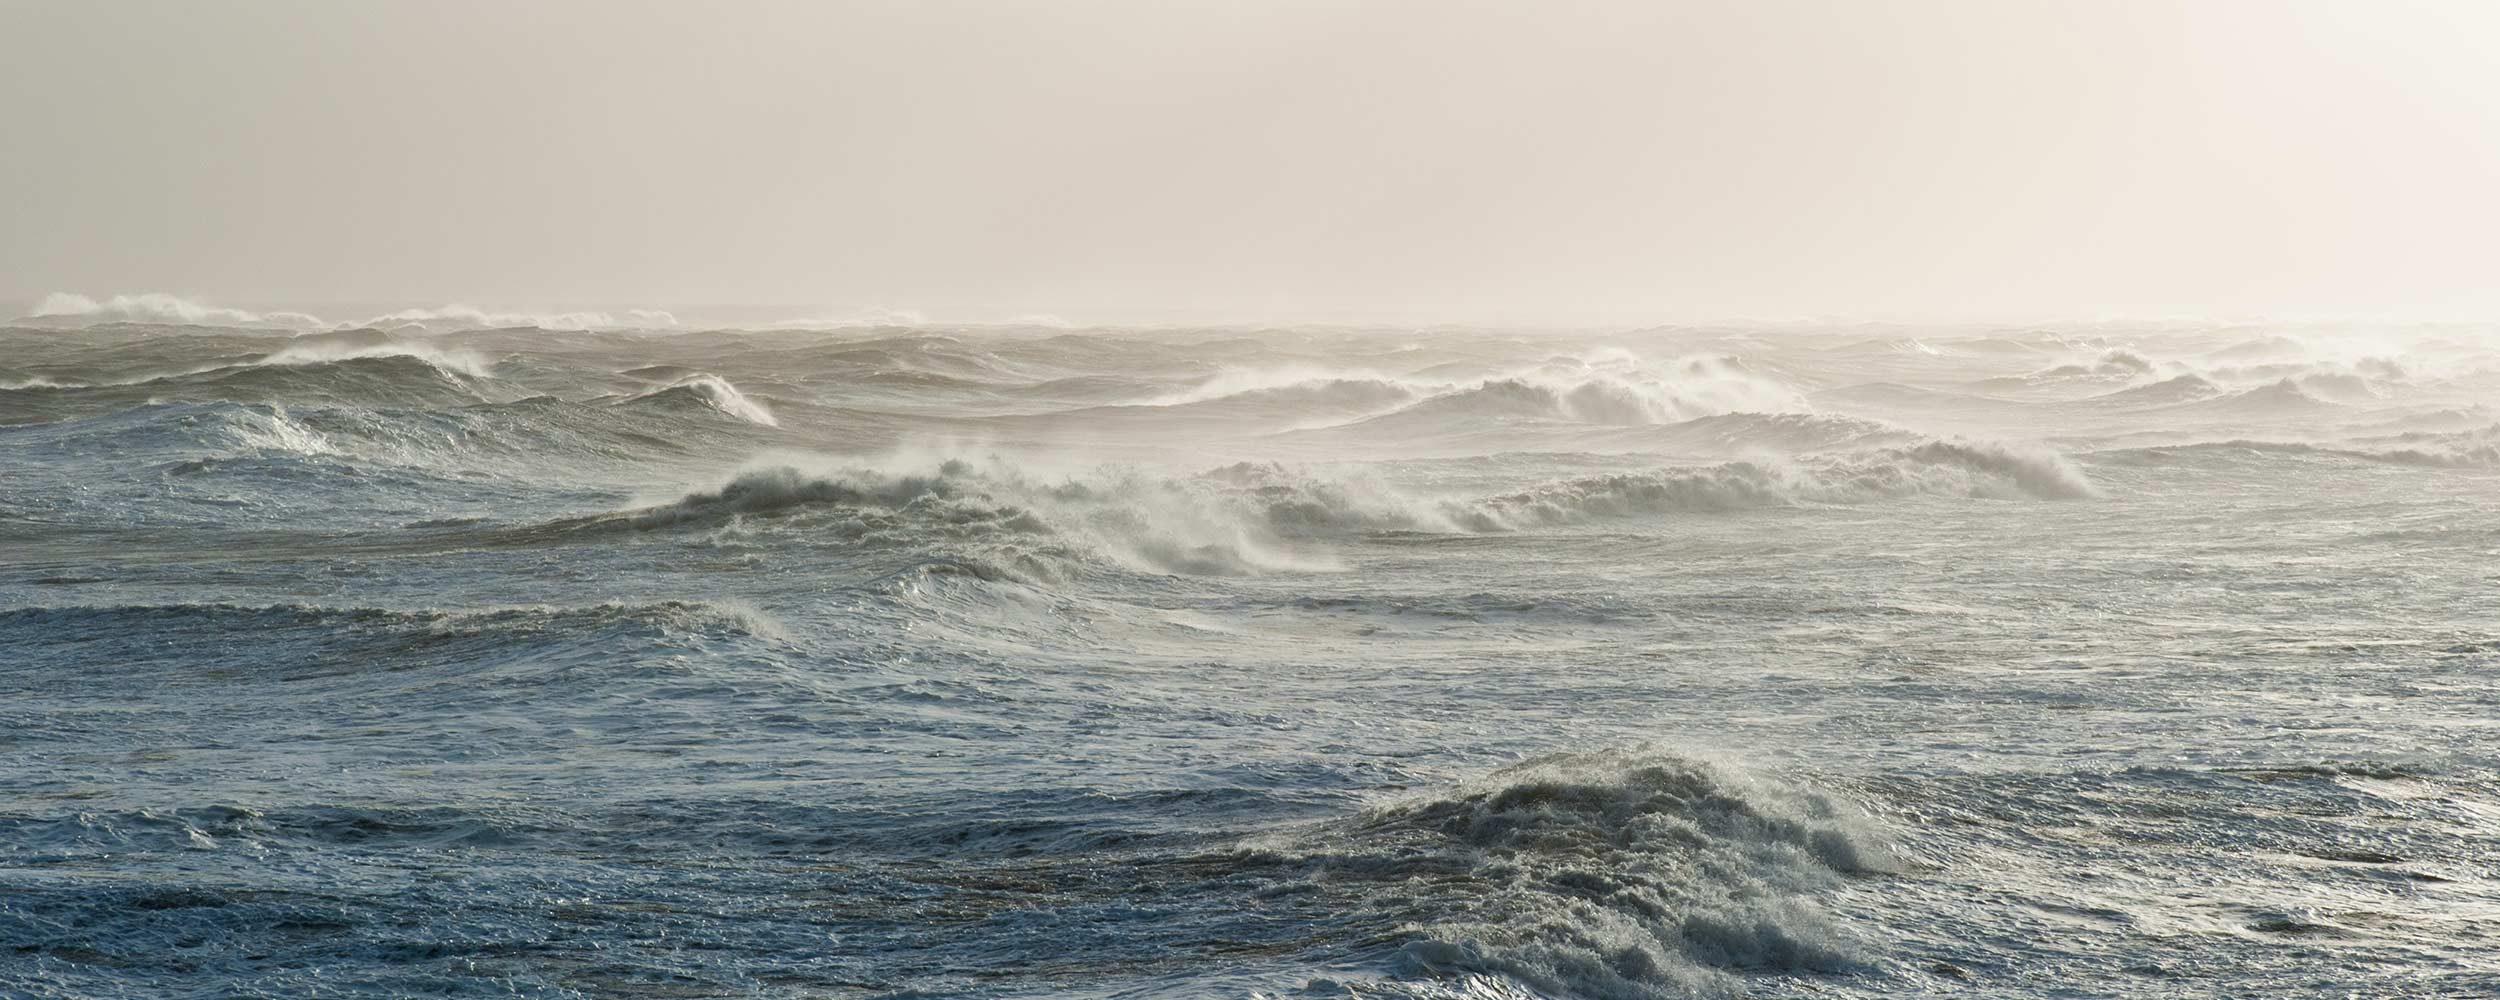 Sea haze and waves